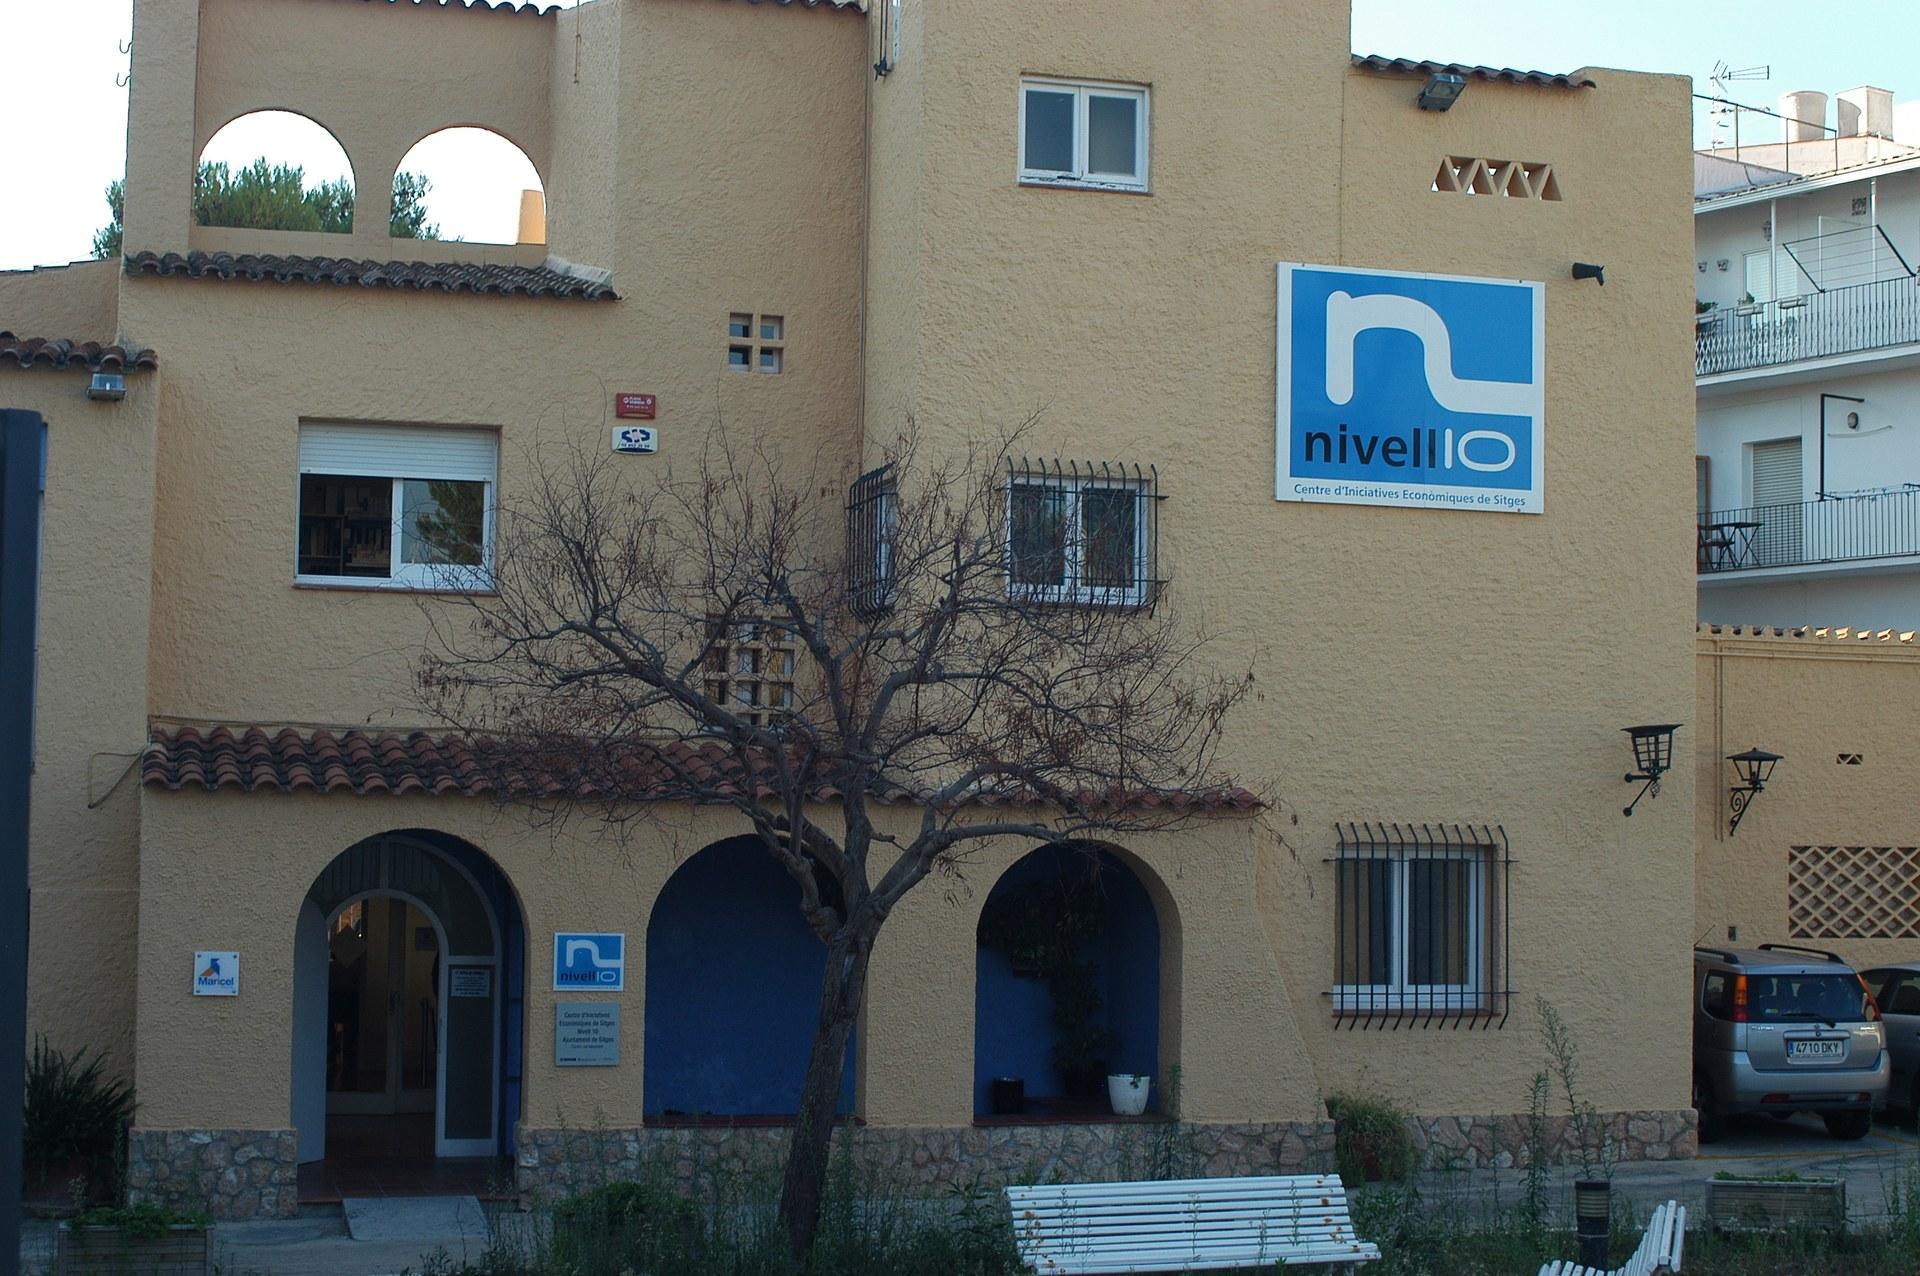 El curs 'Implica't a Sitges' s'impartirà al Centre d'Iniciatives Econòmiques de Sitges Nivell 10